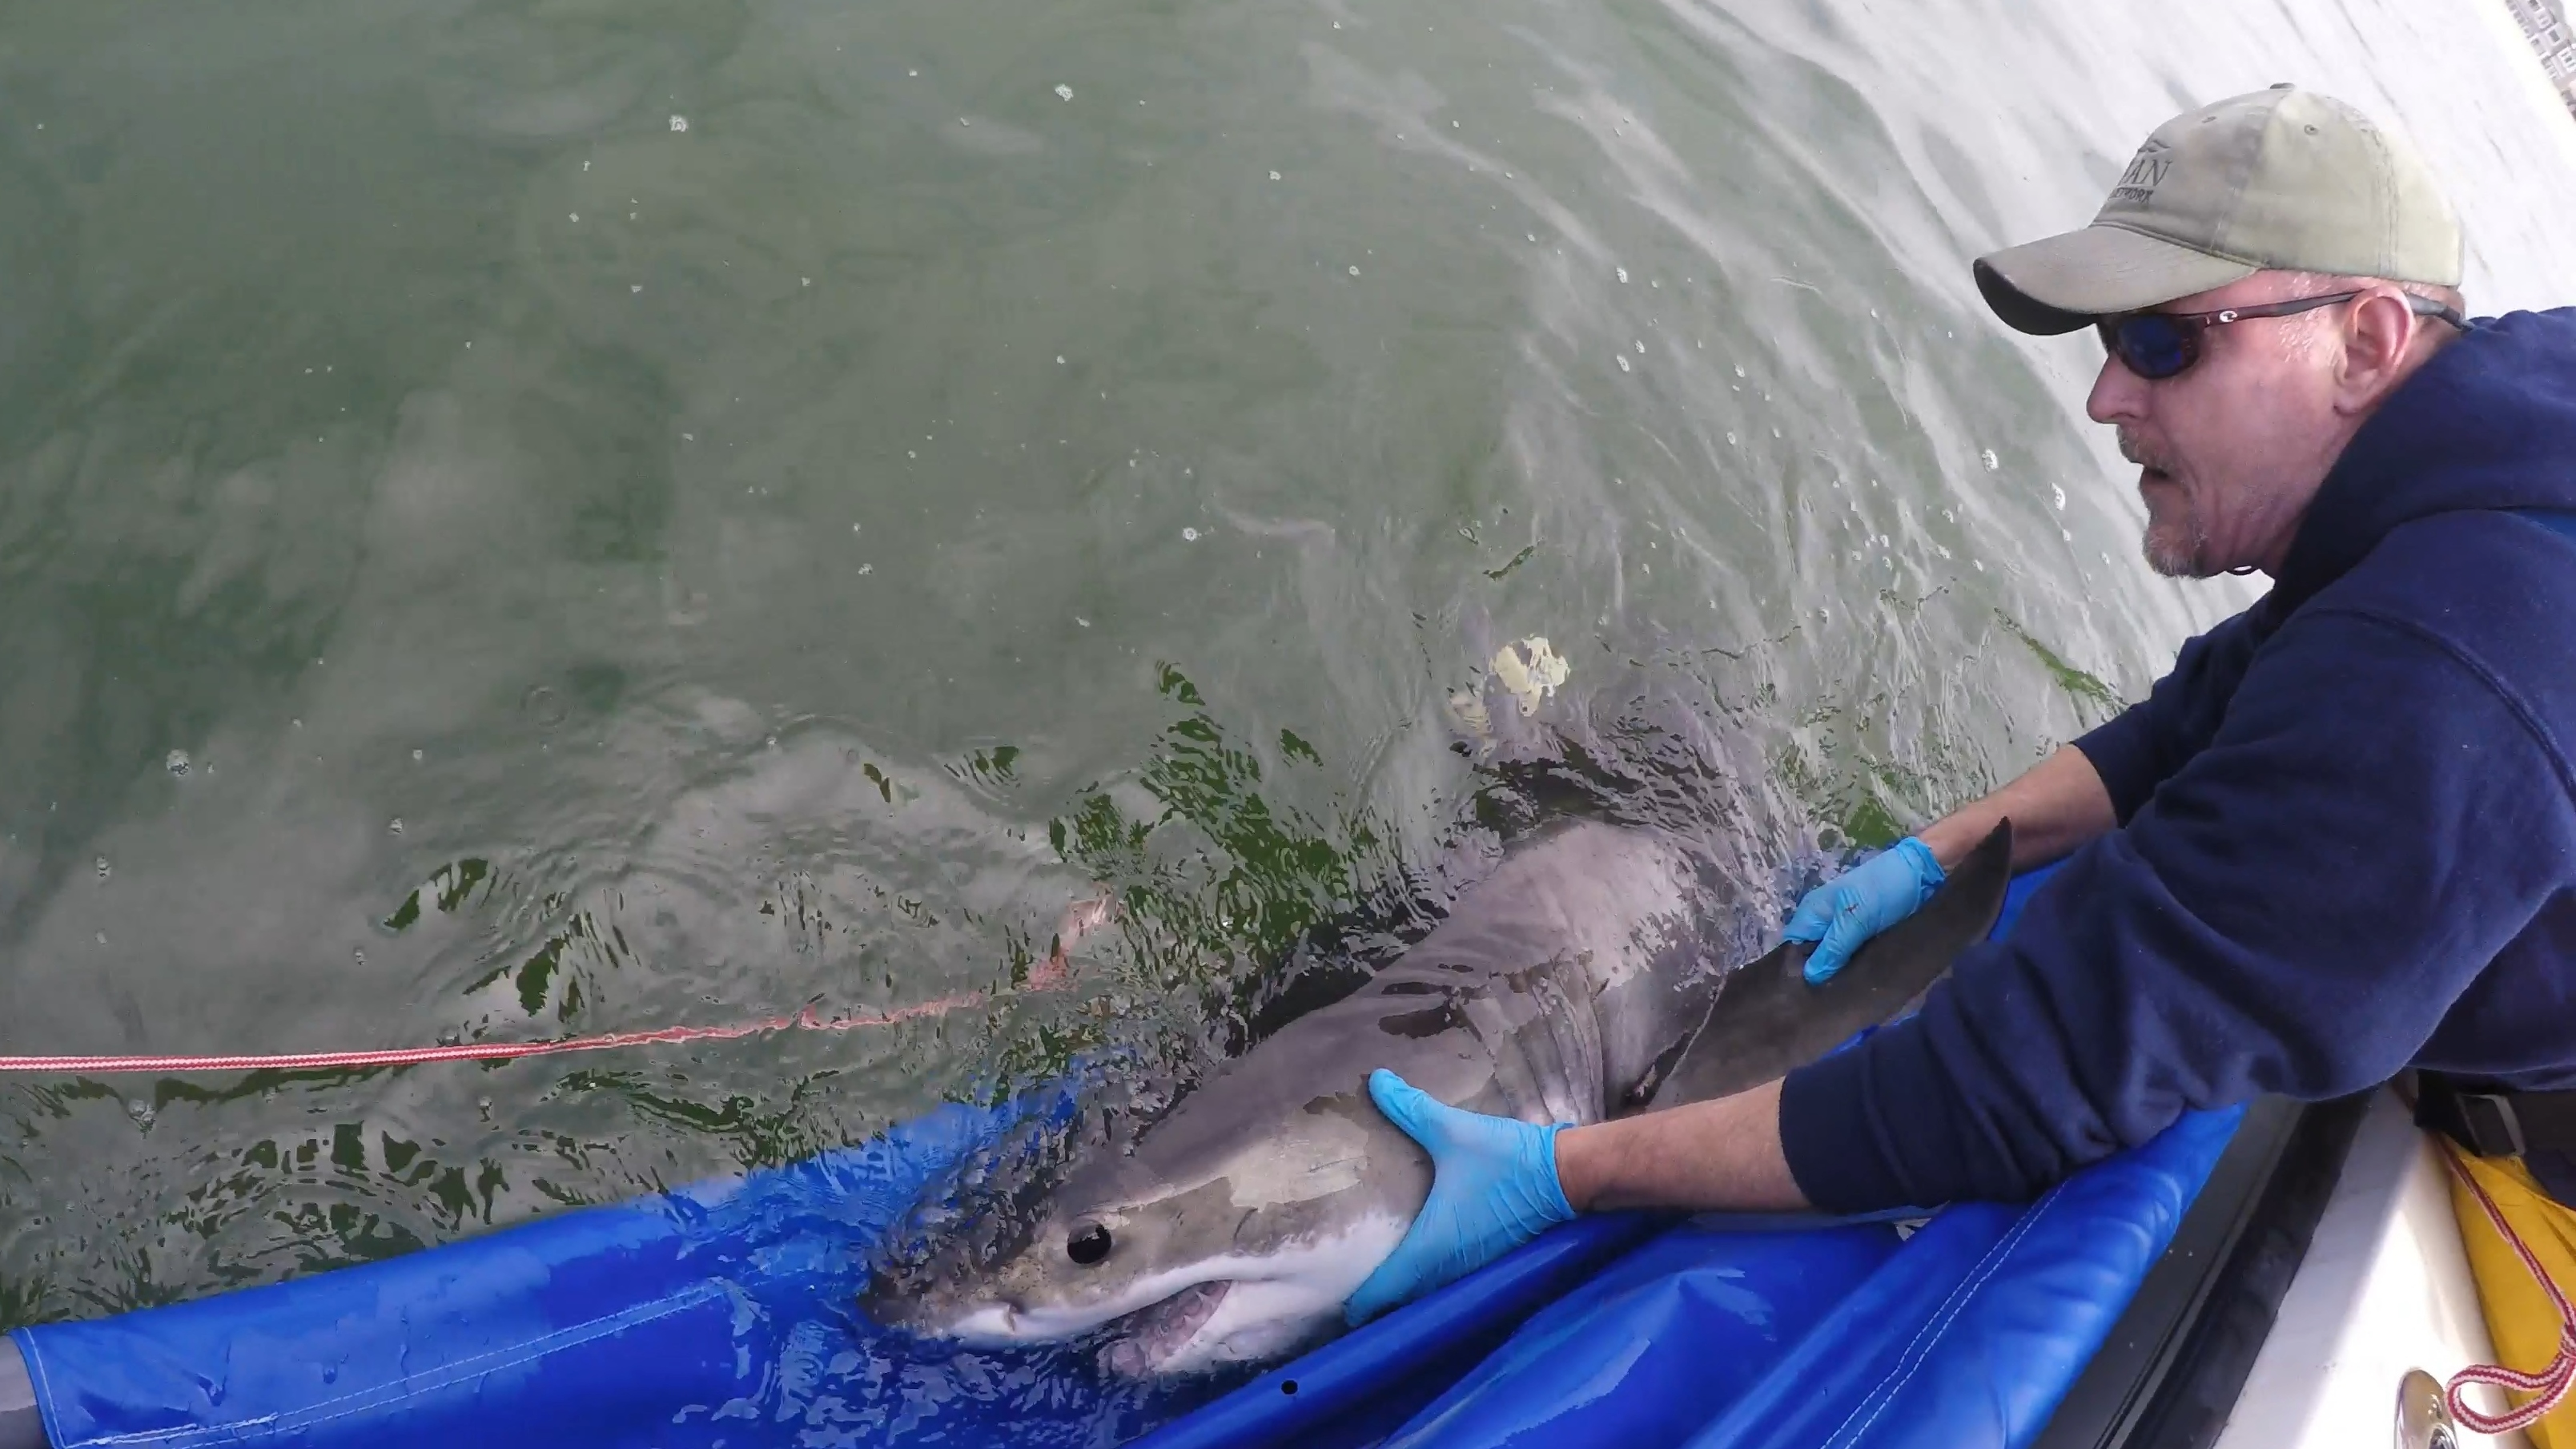 npr.org - Steve Inskeep - How An Interview With A Shark Researcher Wound Up Starring A Shark